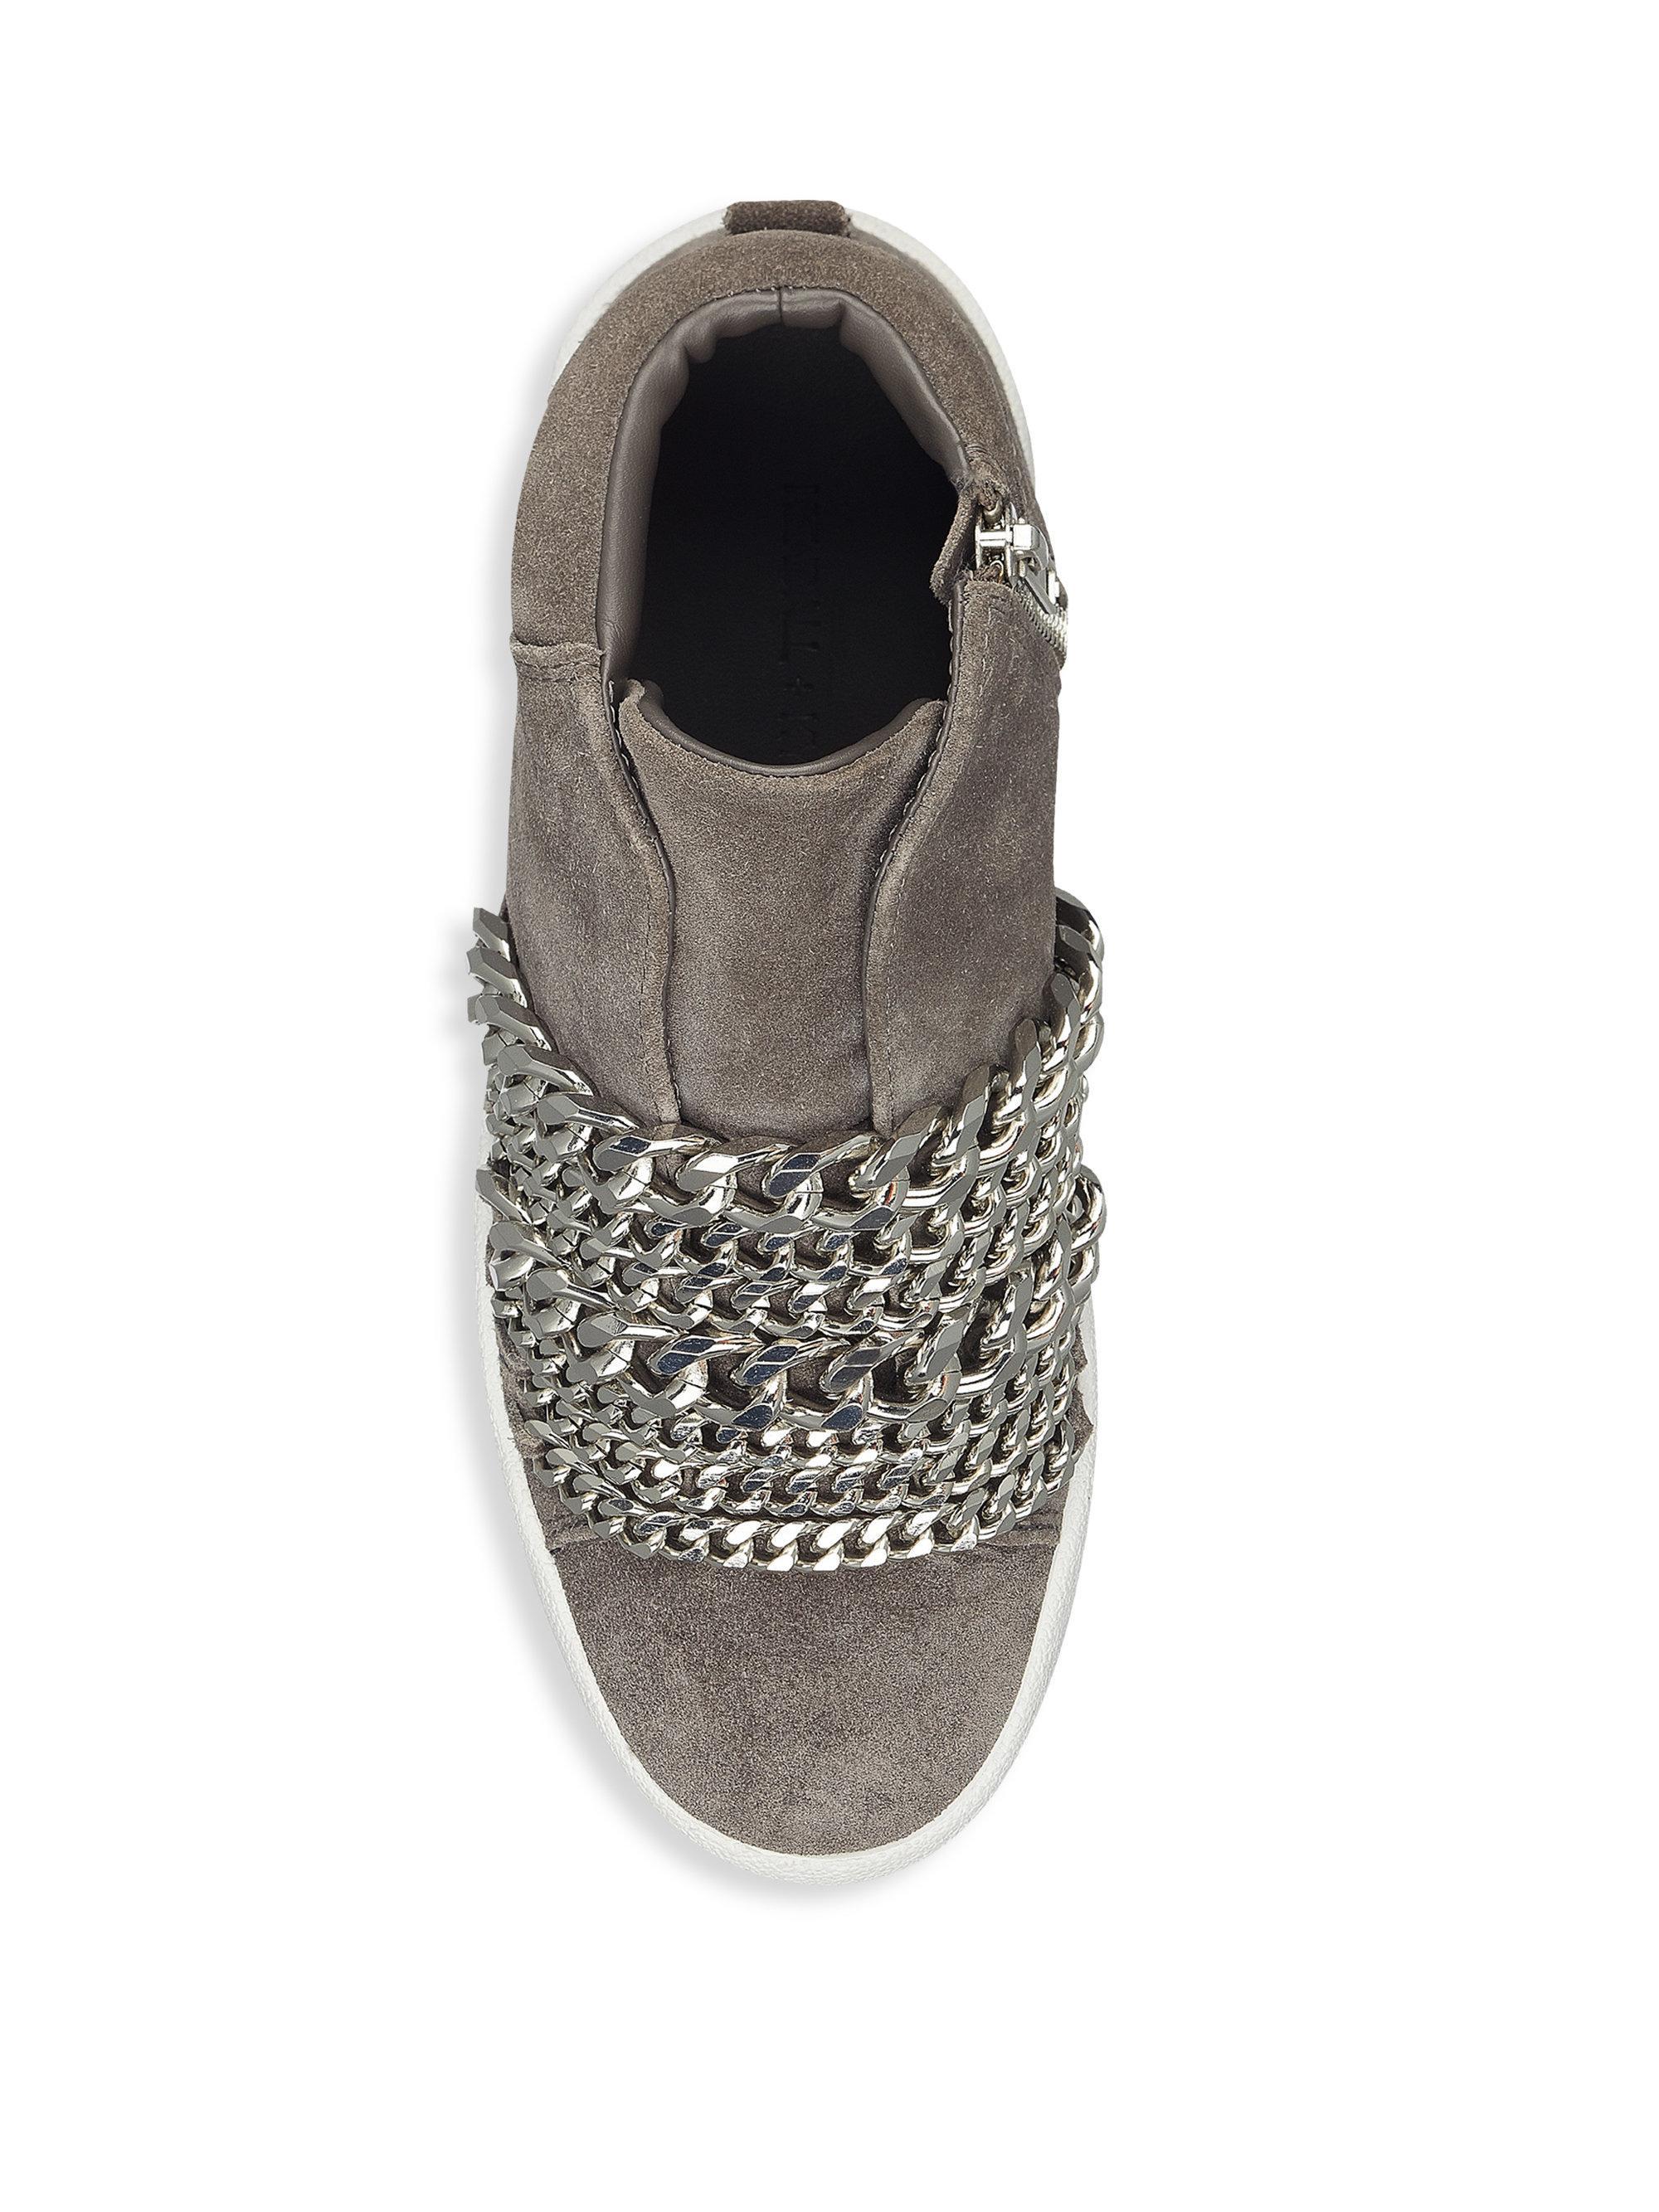 KENDALL + KYLIE Side-Zip Suede Streetwear LECyivbo